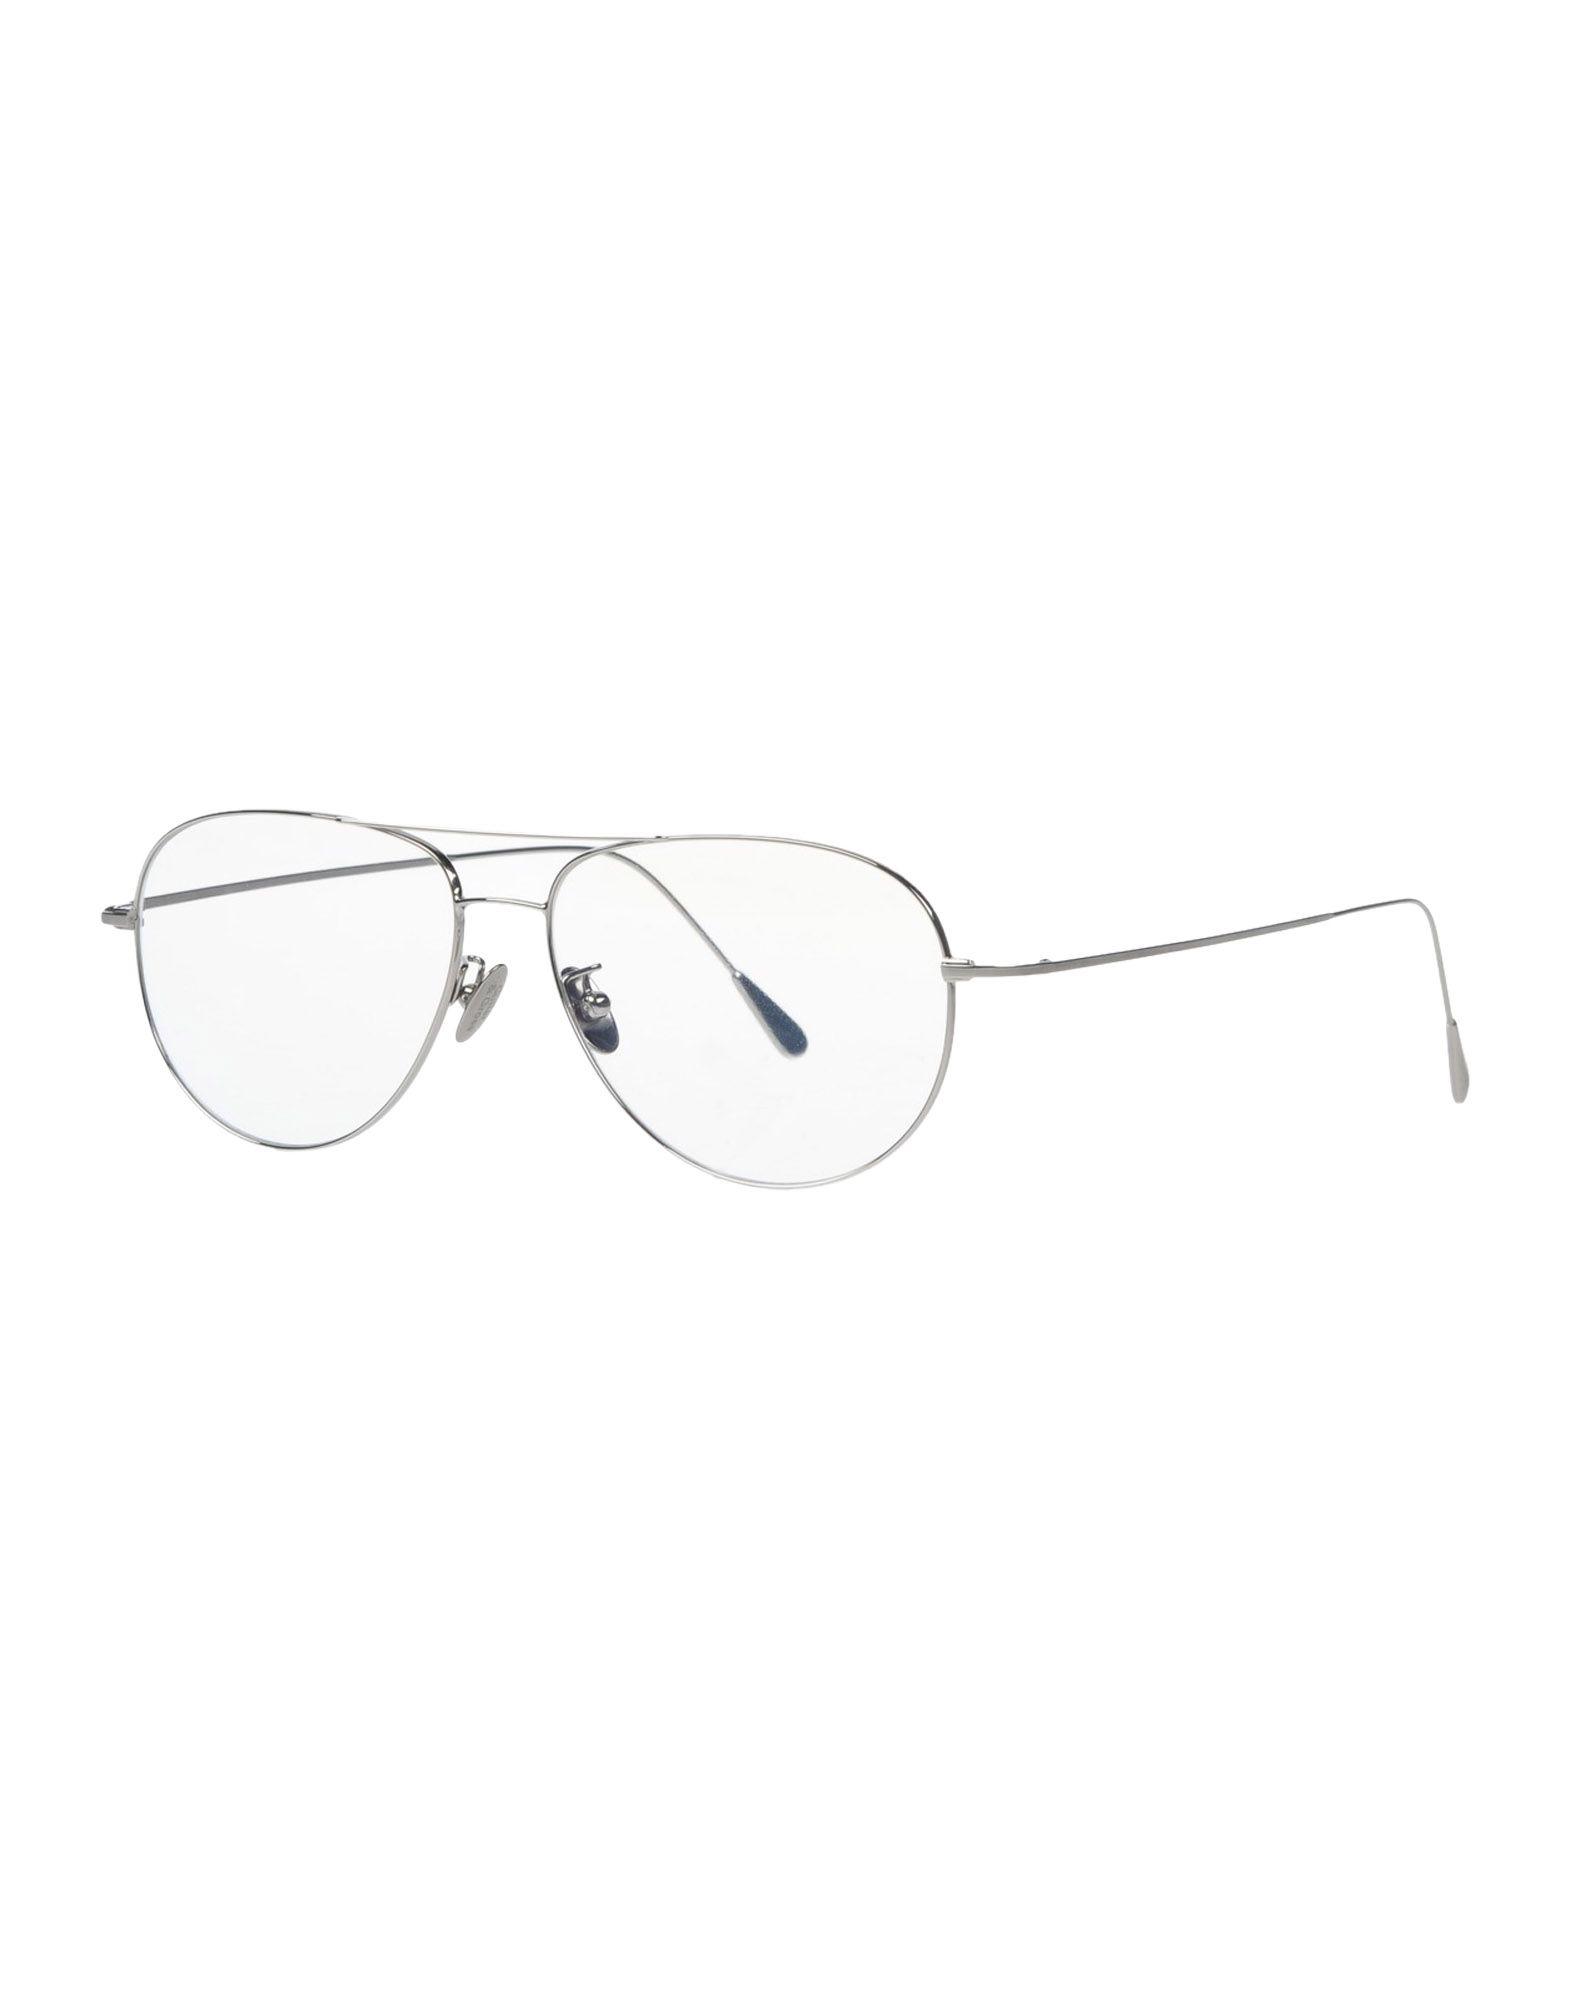 CUTLER AND GROSS Damen Brille Farbe Silber Größe 1